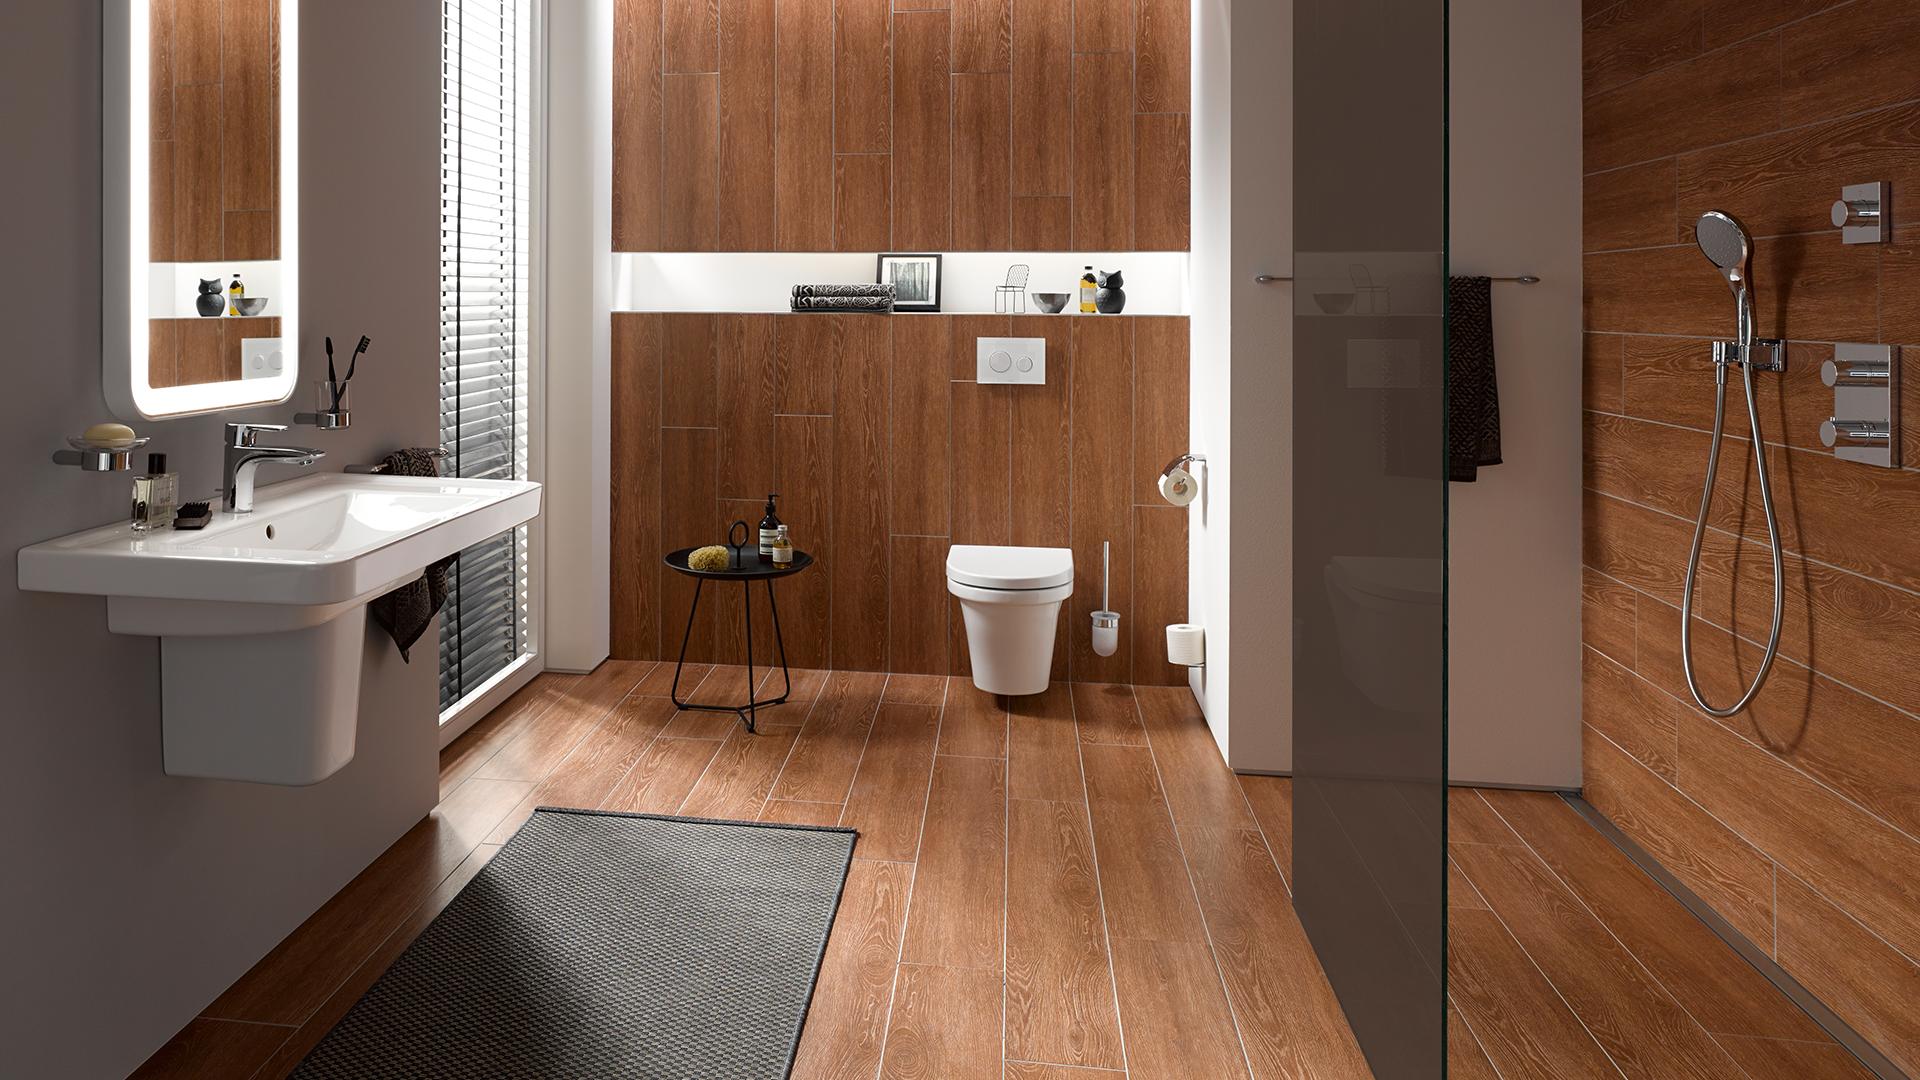 Bathroom Suites, Sanitary Ware, Bathroom Facilities | TOTO ...